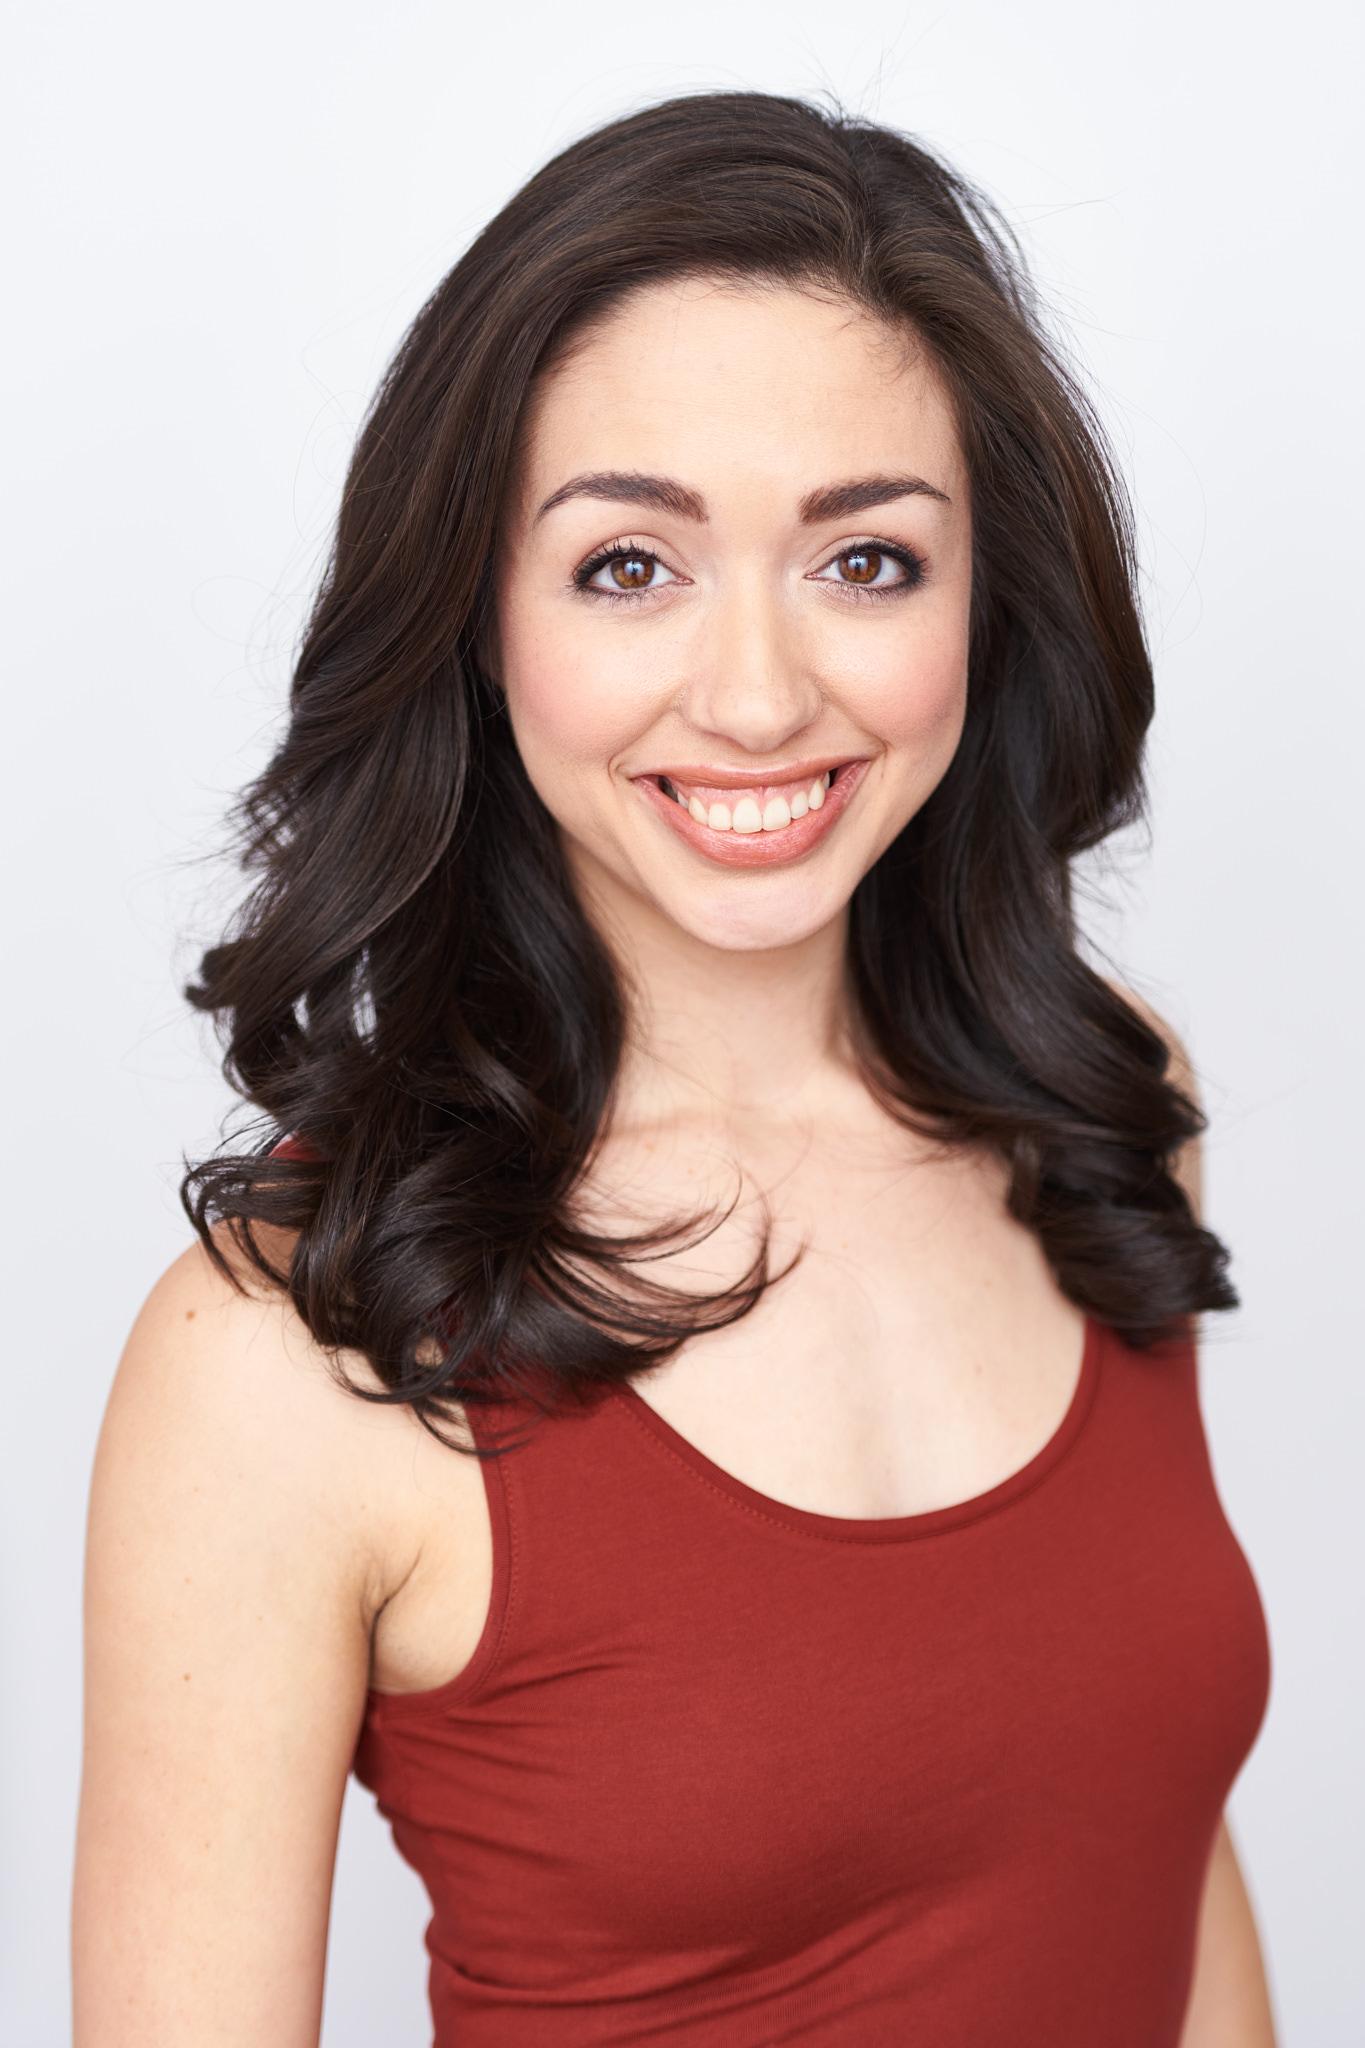 Sarah Fagan